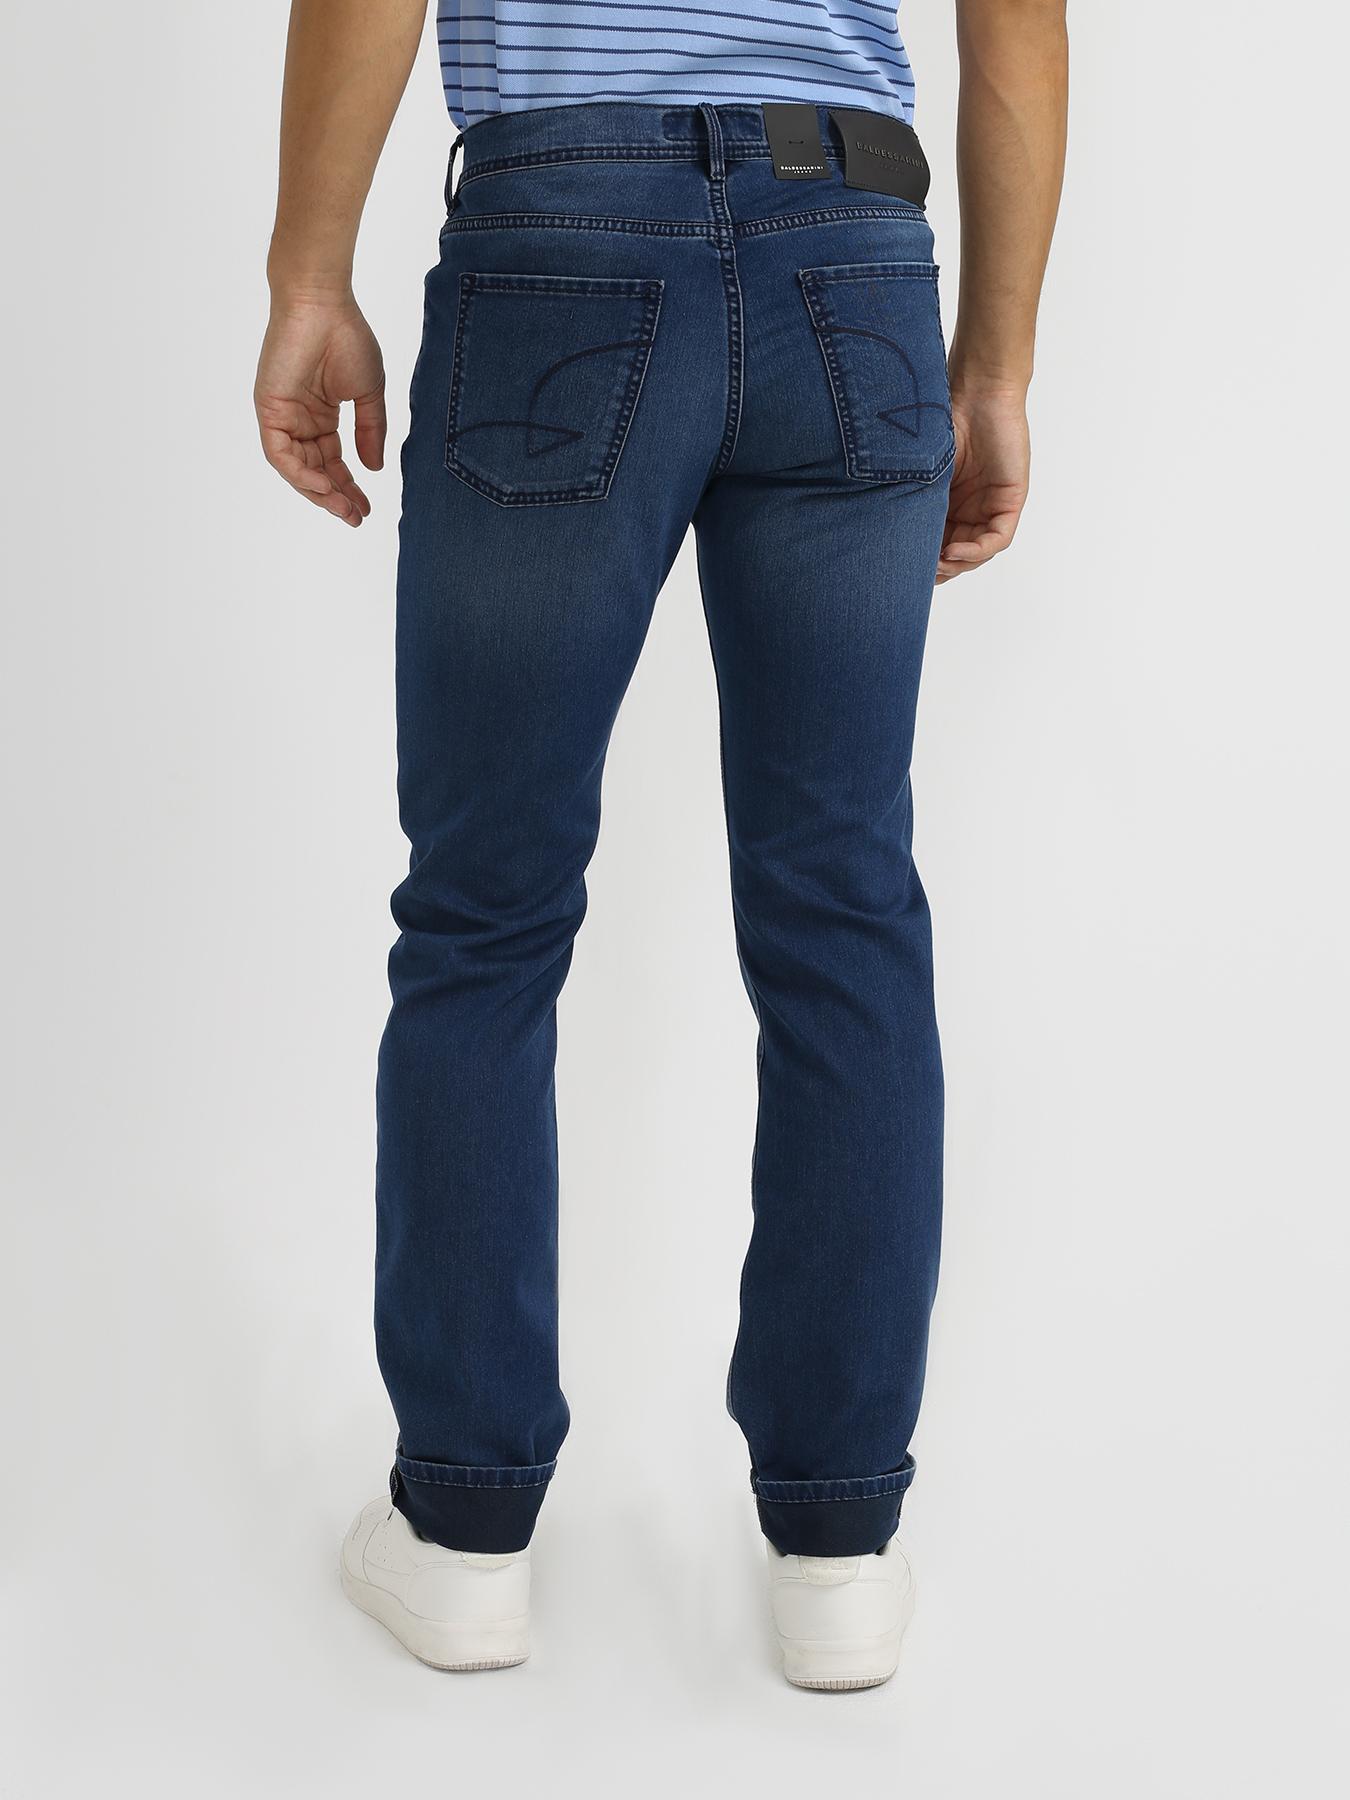 Baldessarini Мужские джинсы 336374-092 Фото 2